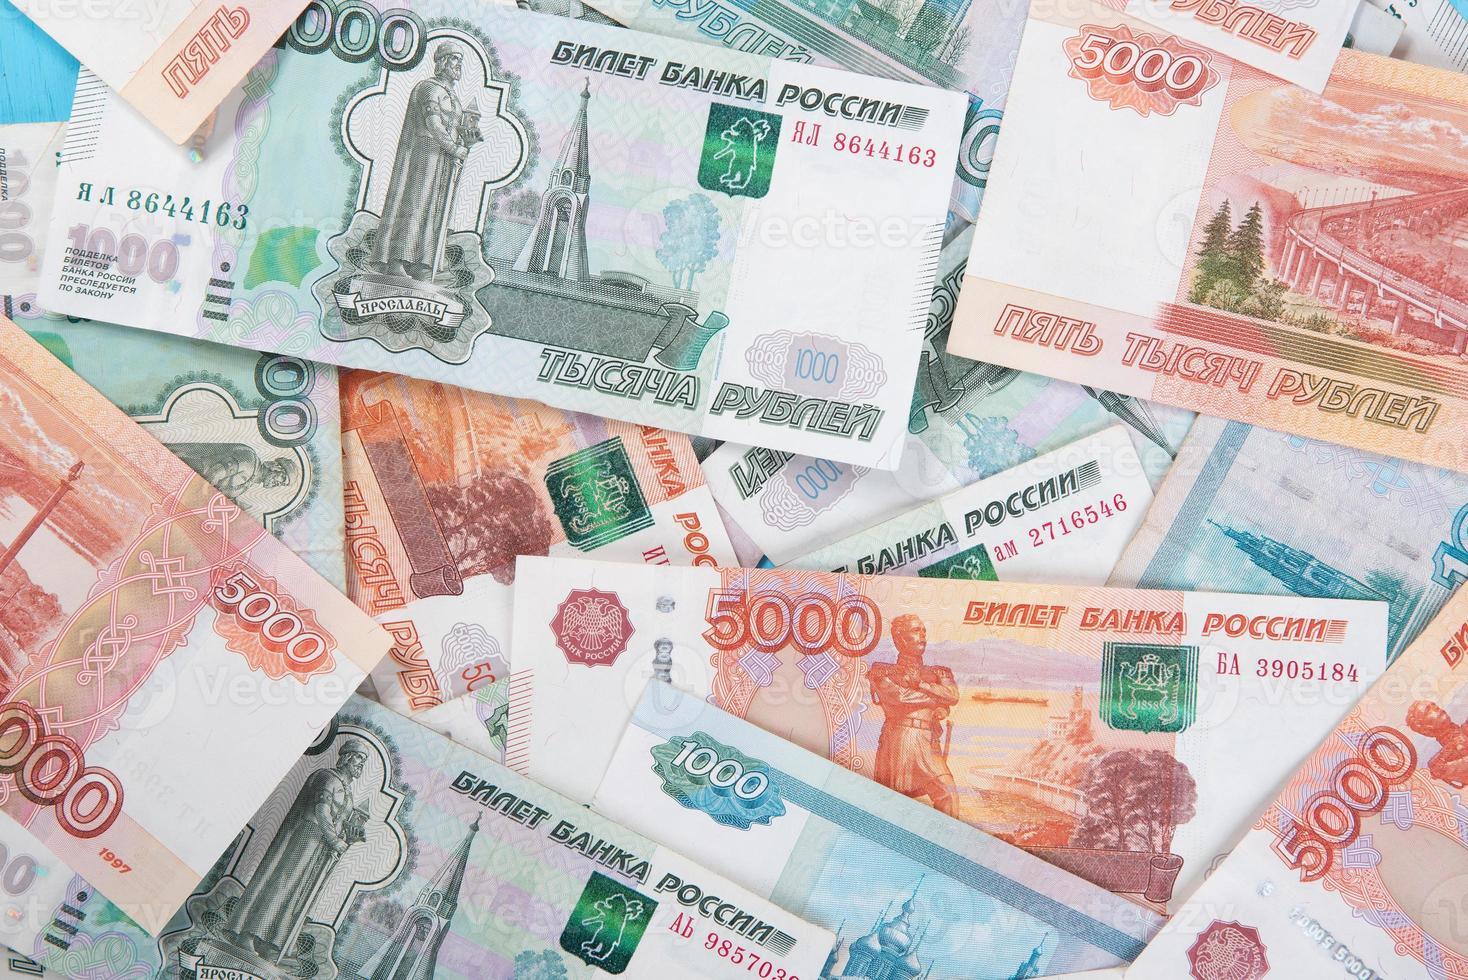 fond de billets de banque rouble argent russe photo